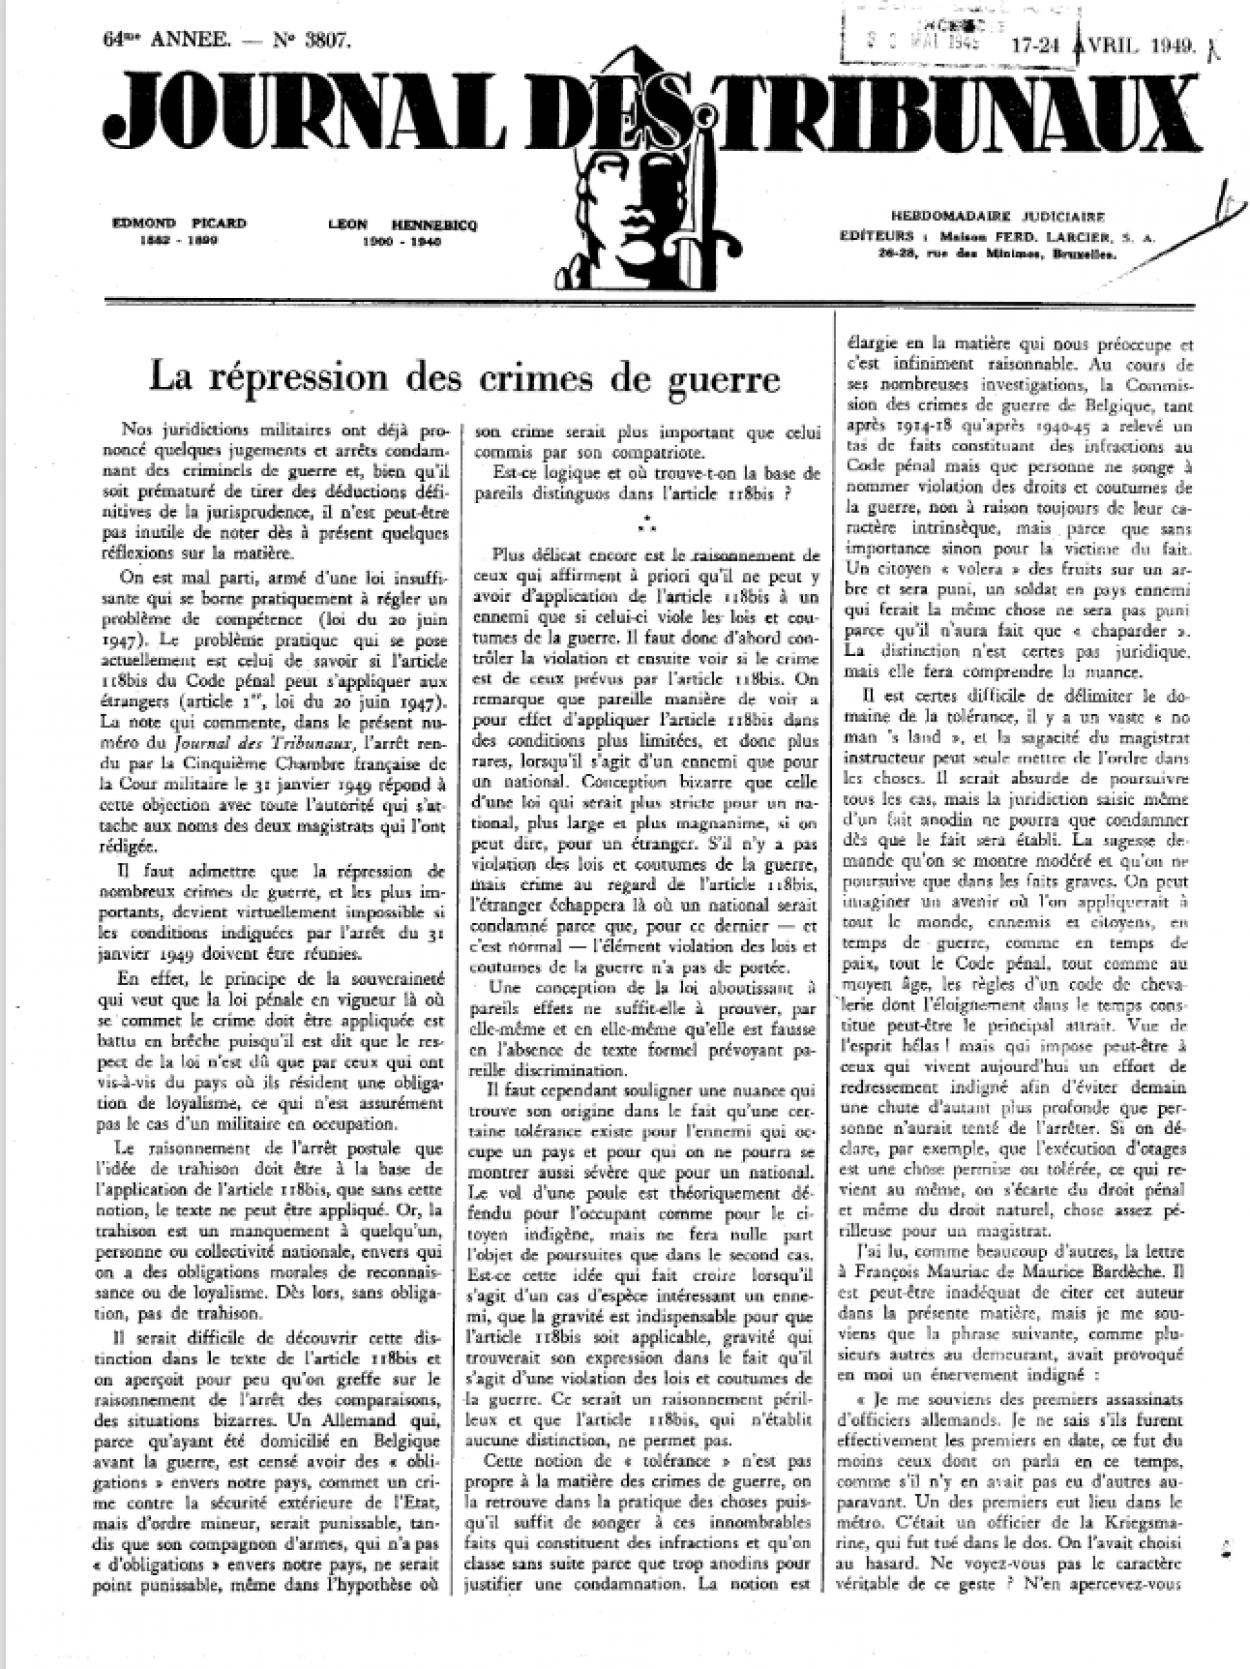 journal-des-tribunaux-17-4-1949(2).png